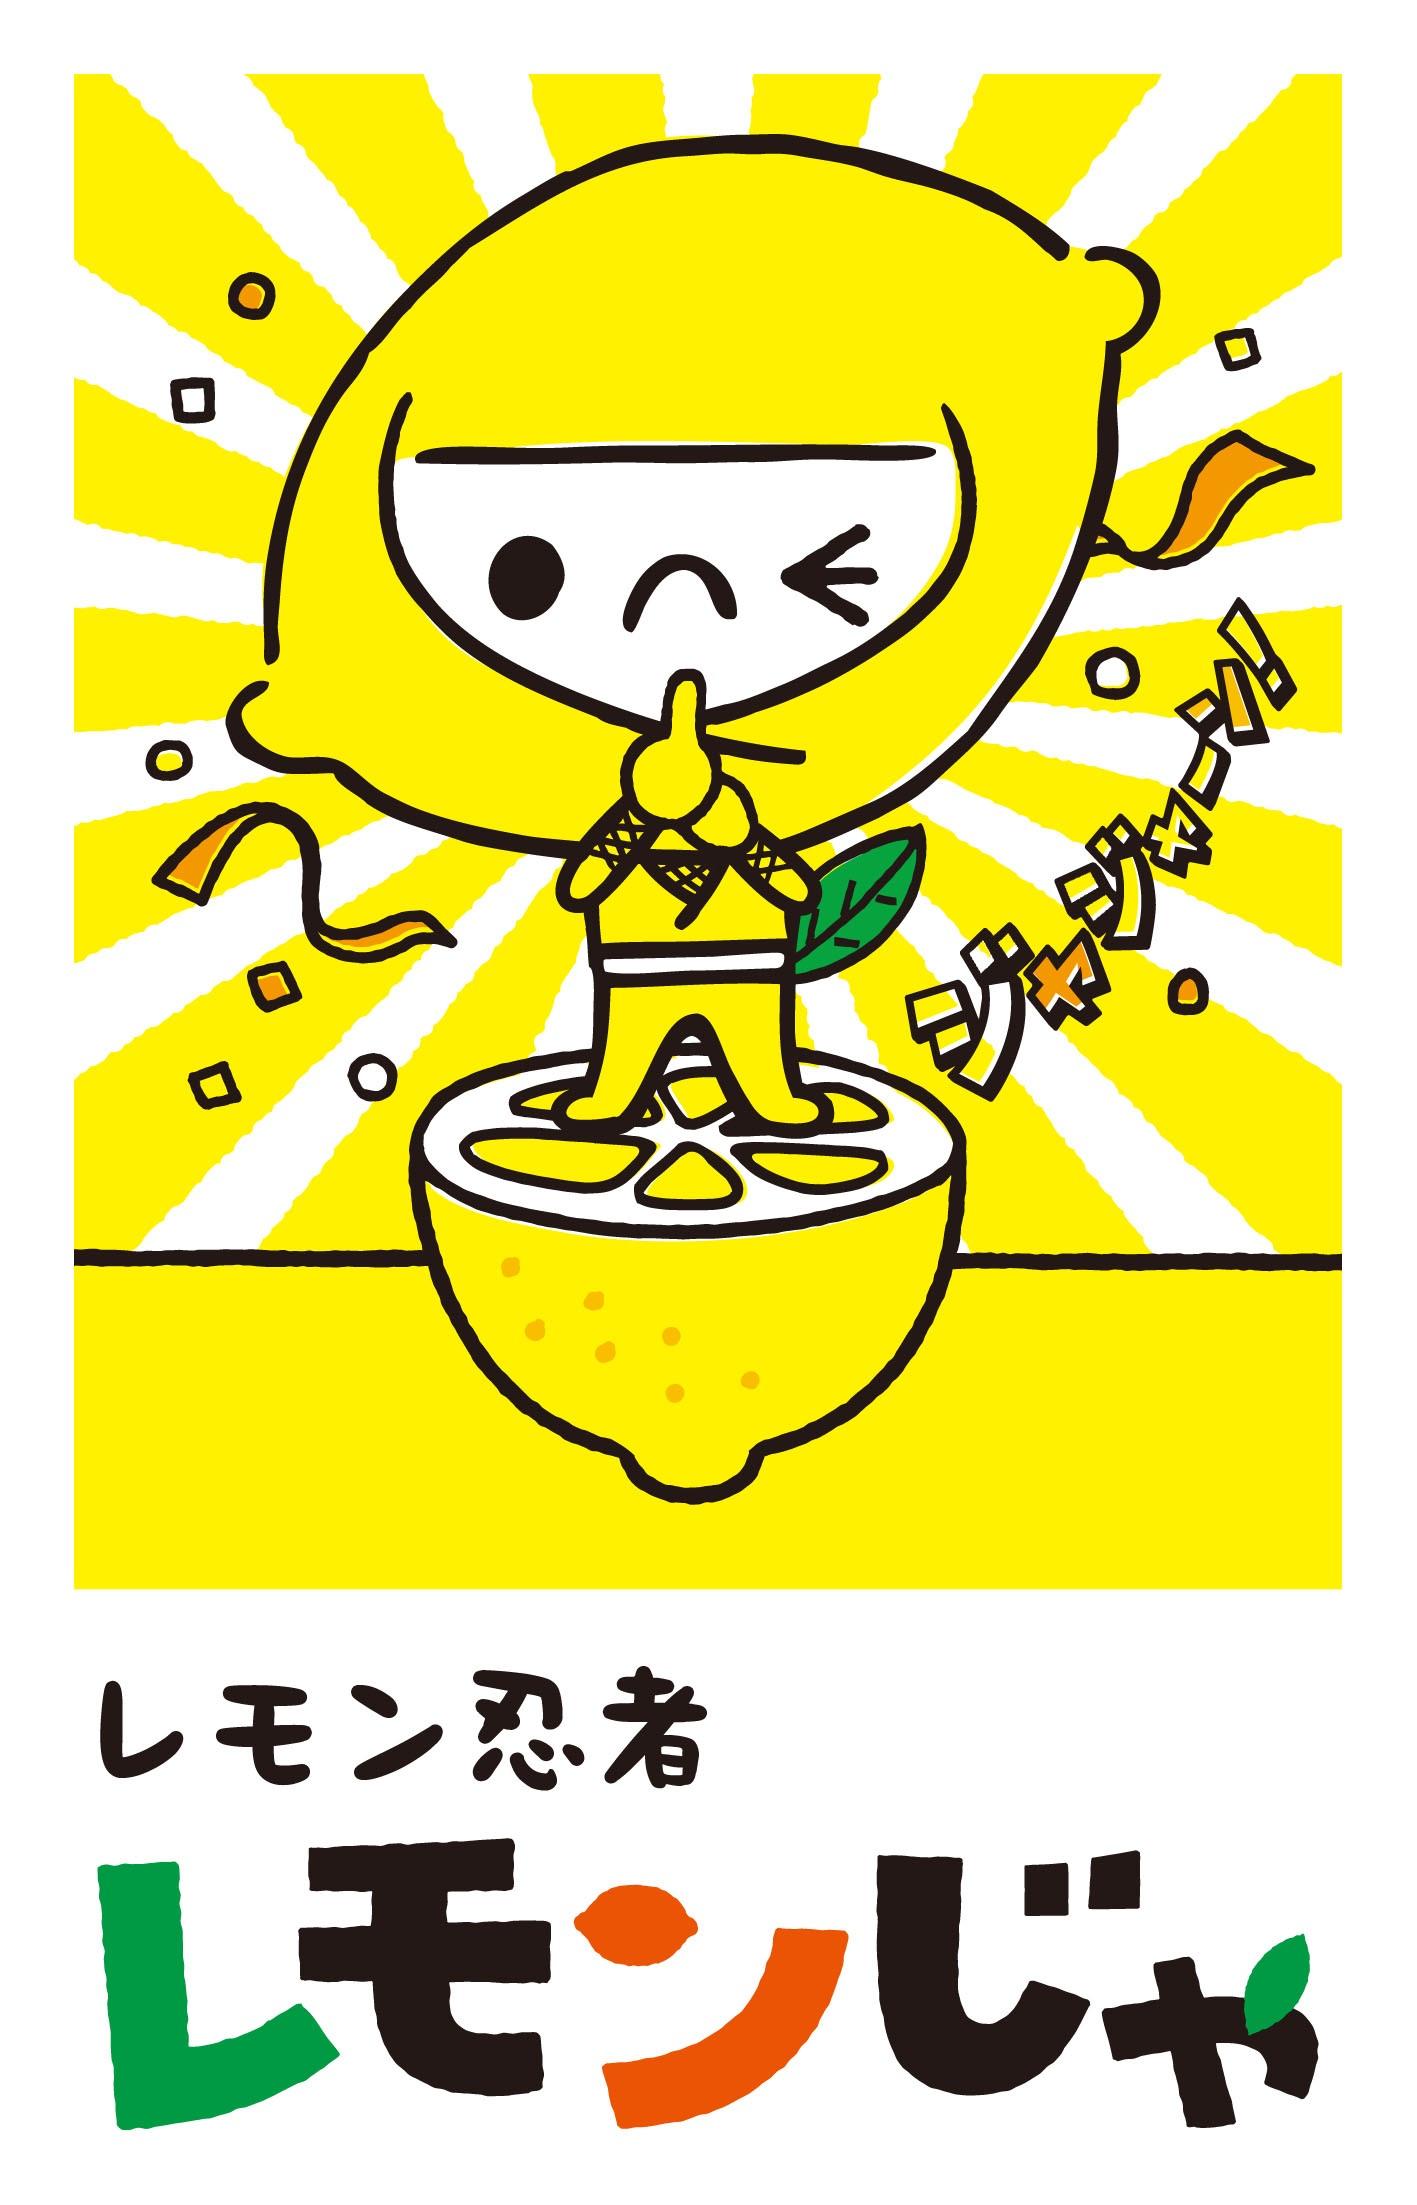 レモン忍者レモンじゃ